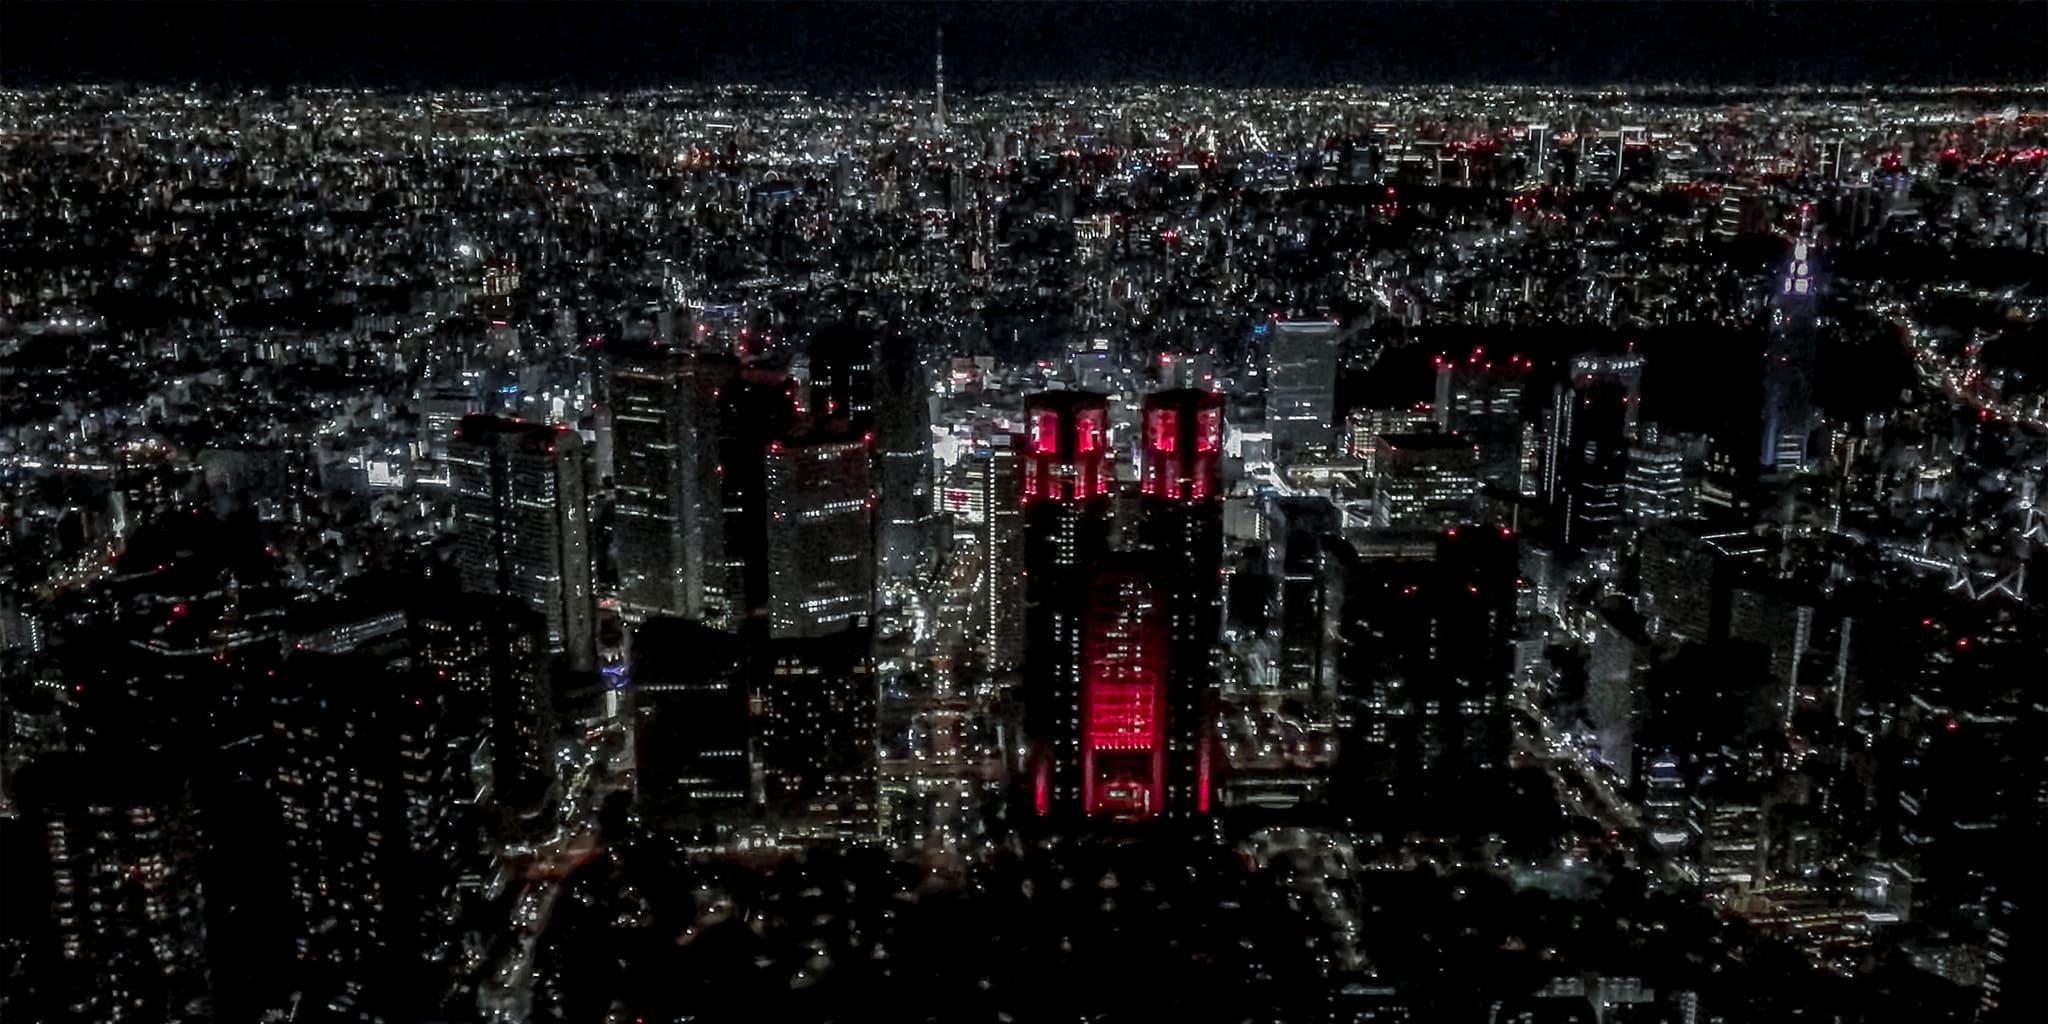 ヘリコプターで東京上空をフライトして見える新宿